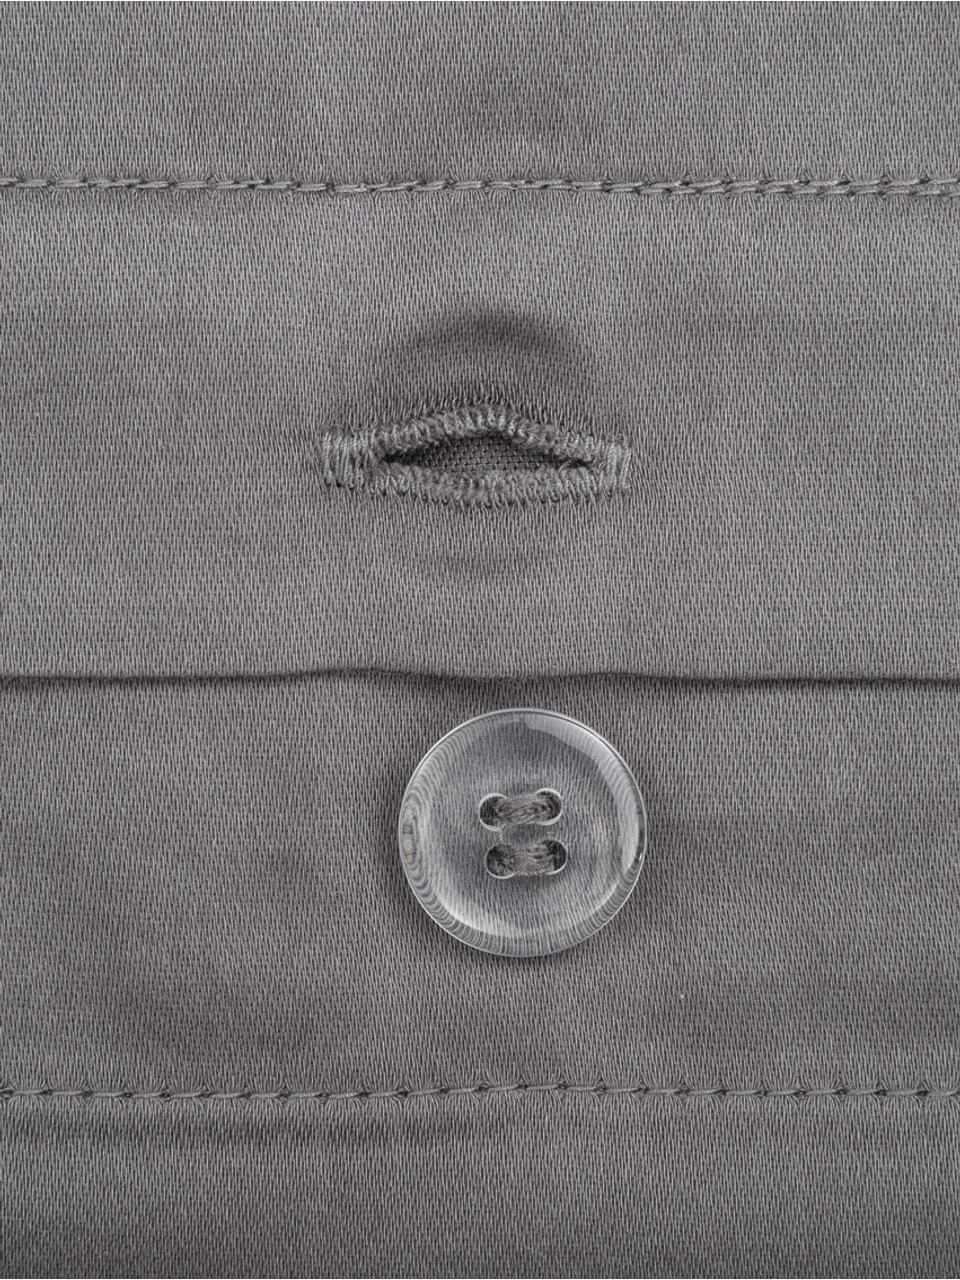 Parure copripiumino in raso di cotone grigio scuro Premium, Tessuto: raso, leggermente lucido, Grigio scuro, 155 x 200 cm